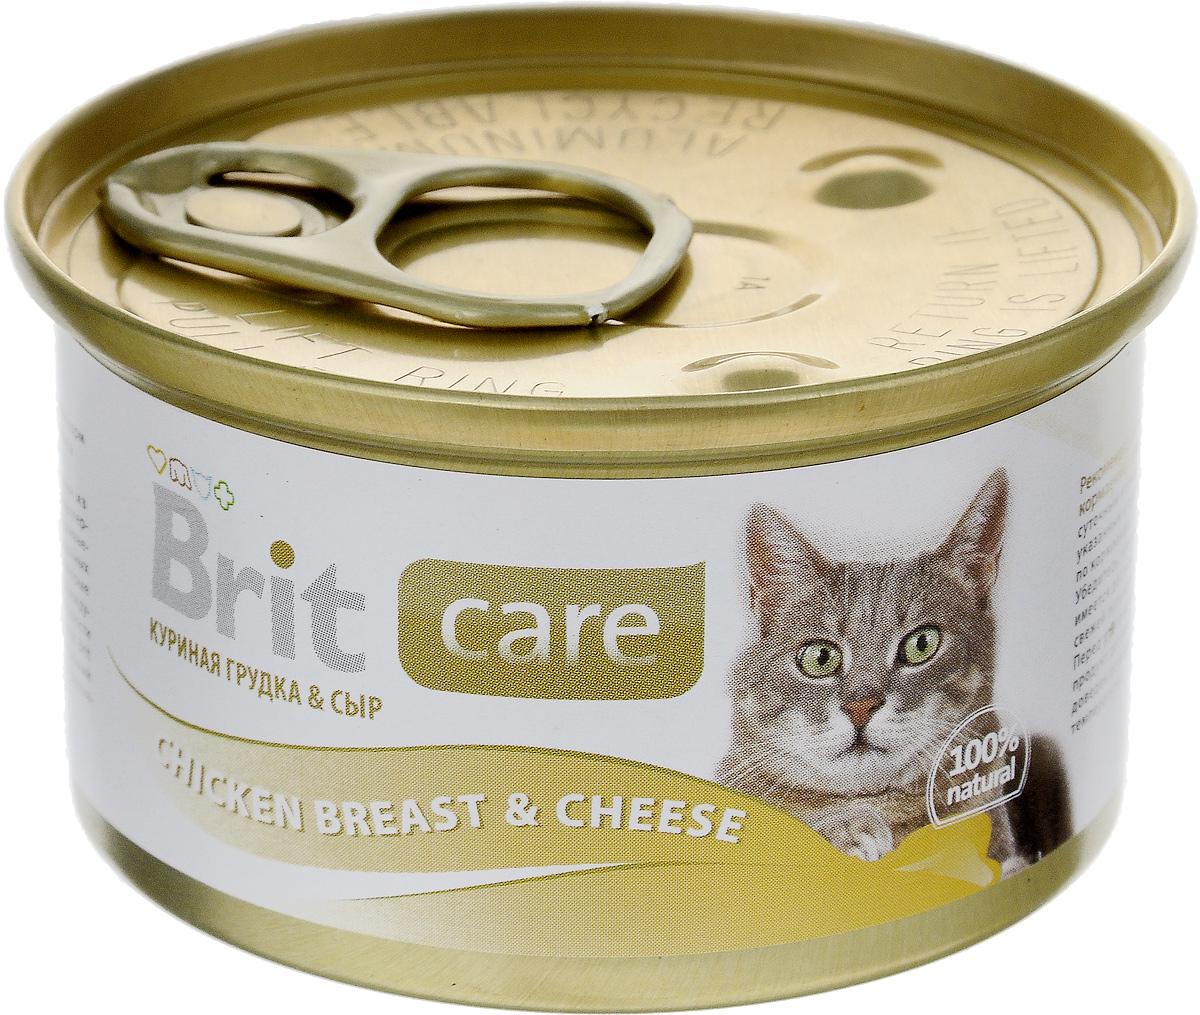 Консервы для кошек Brit Care, с куриной грудкой и сыром, 80 г консервы almo nature alternative для кошек с куриной грудкой 55 г